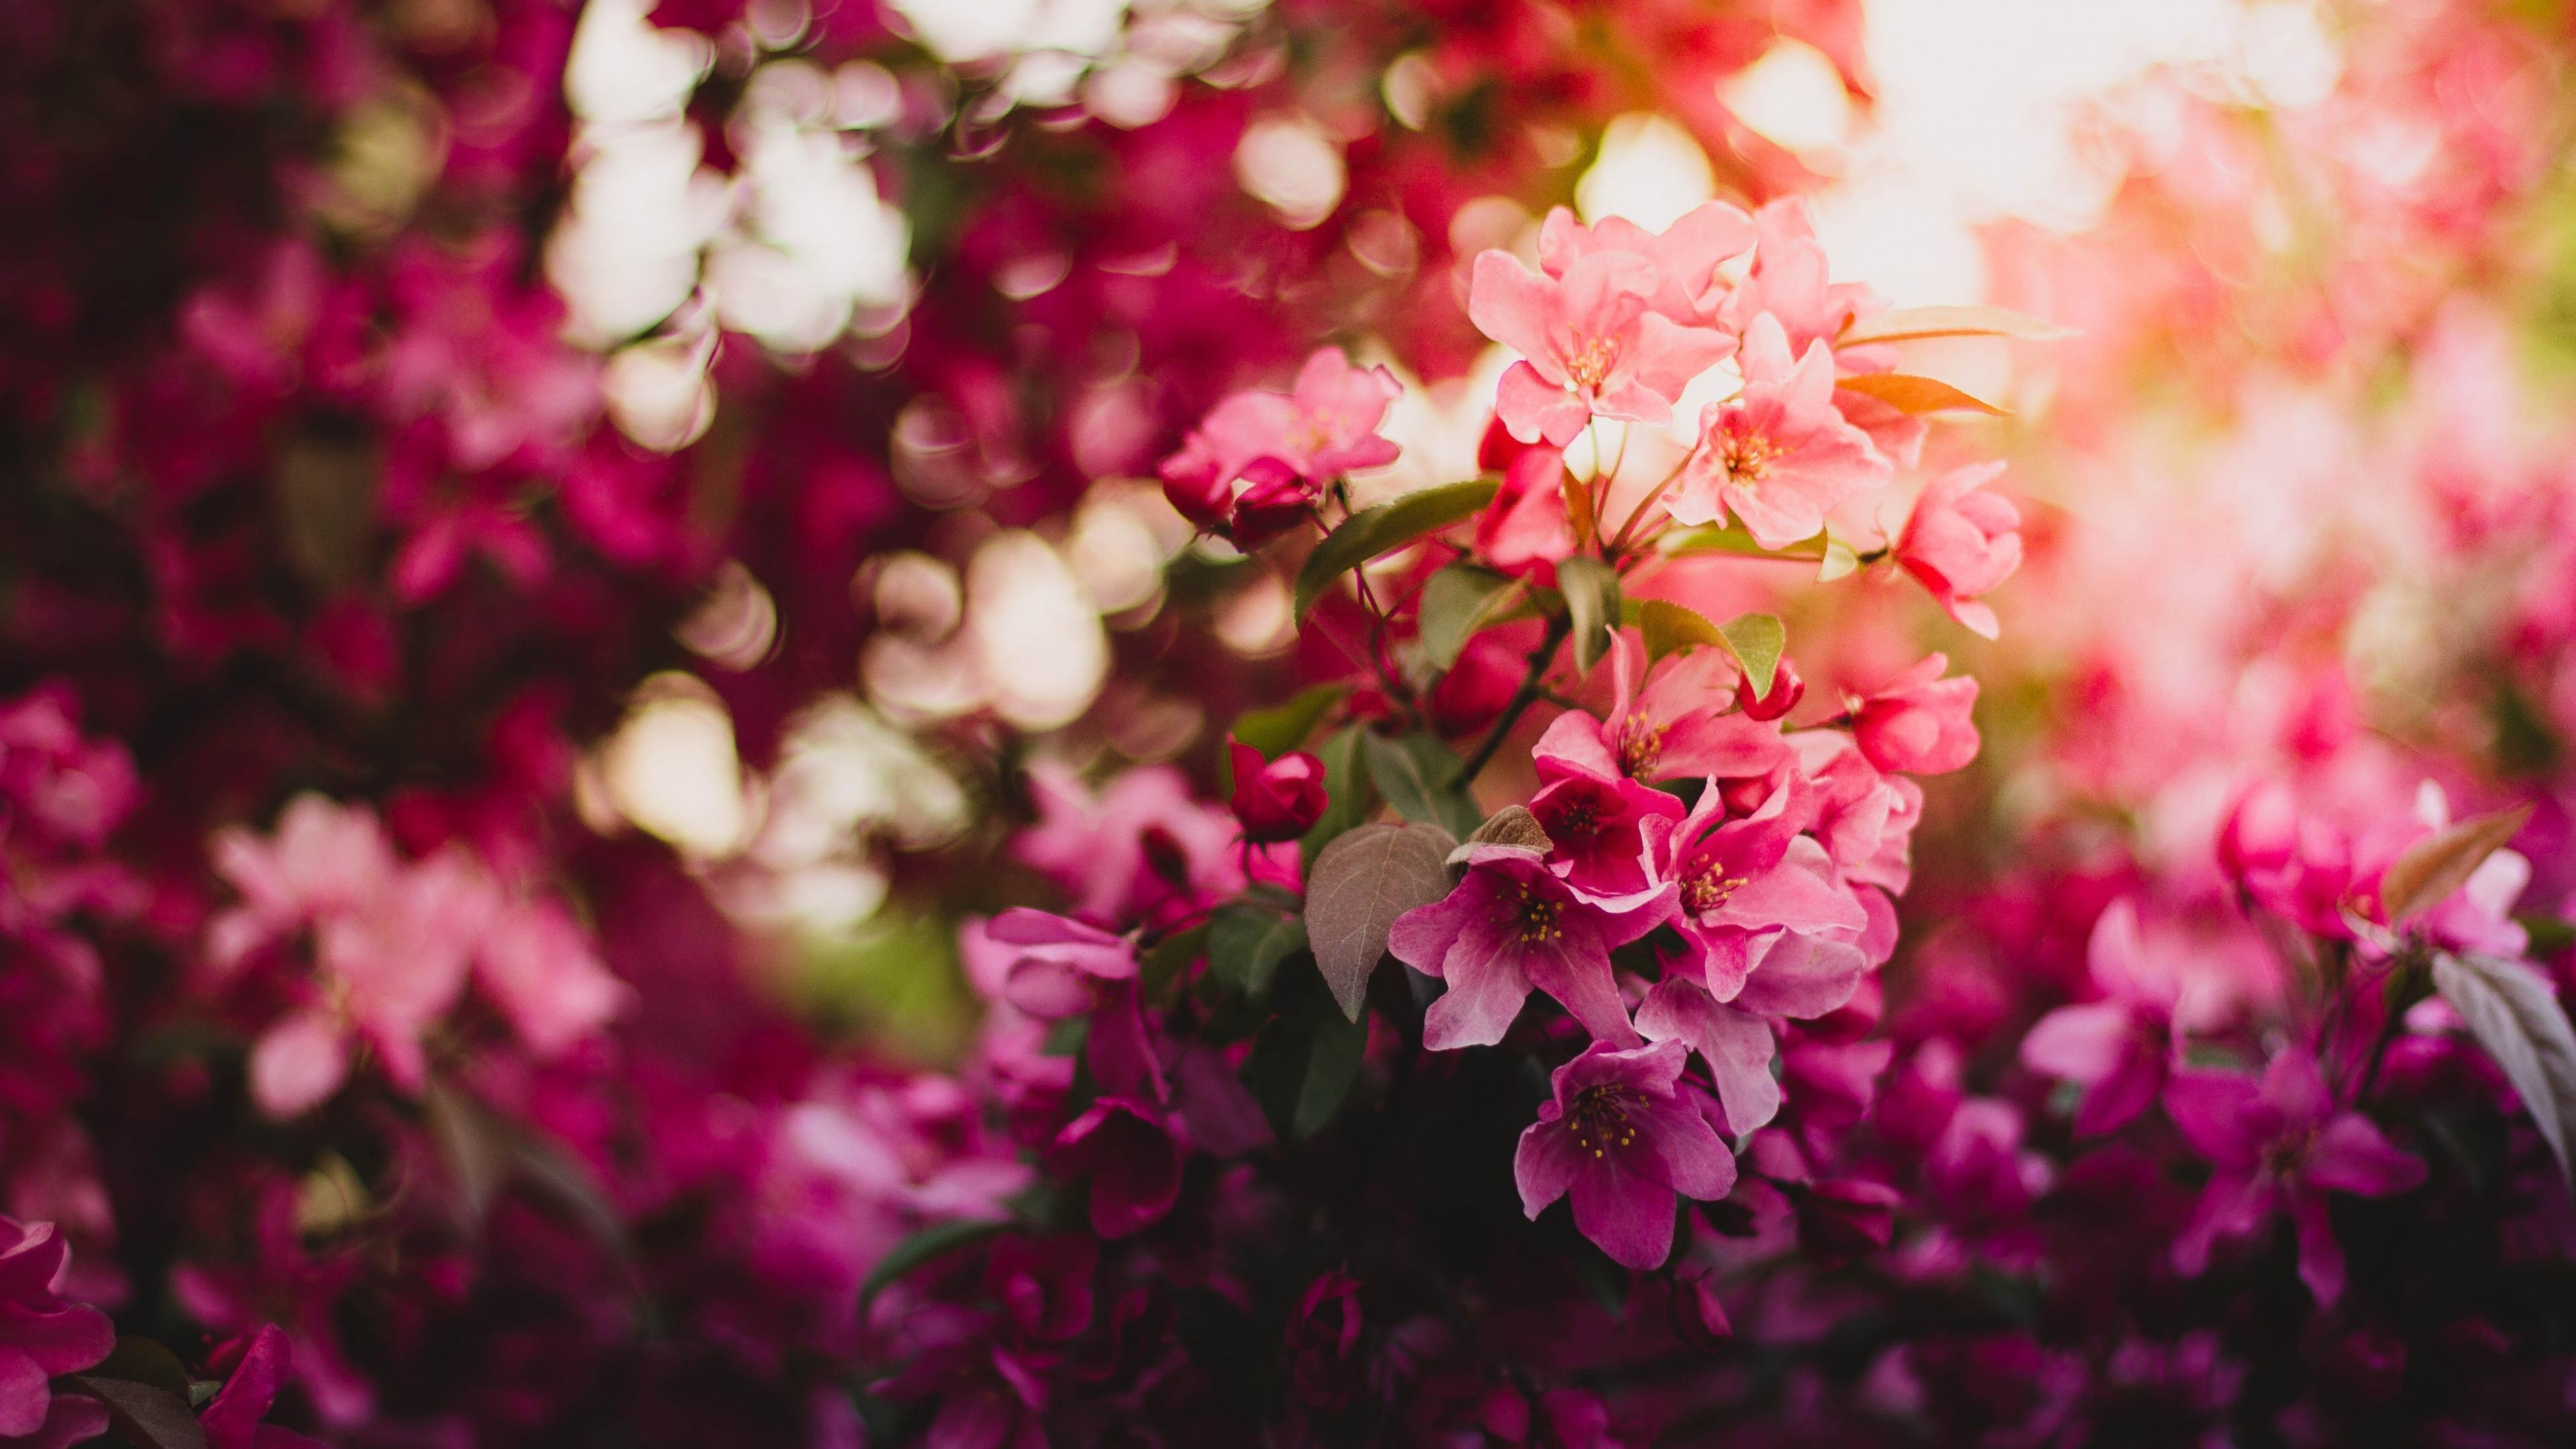 """2880x1800 Ultra HD Wallpaper, flower 4K   Nature flower garden love pink hd ..."""">"""